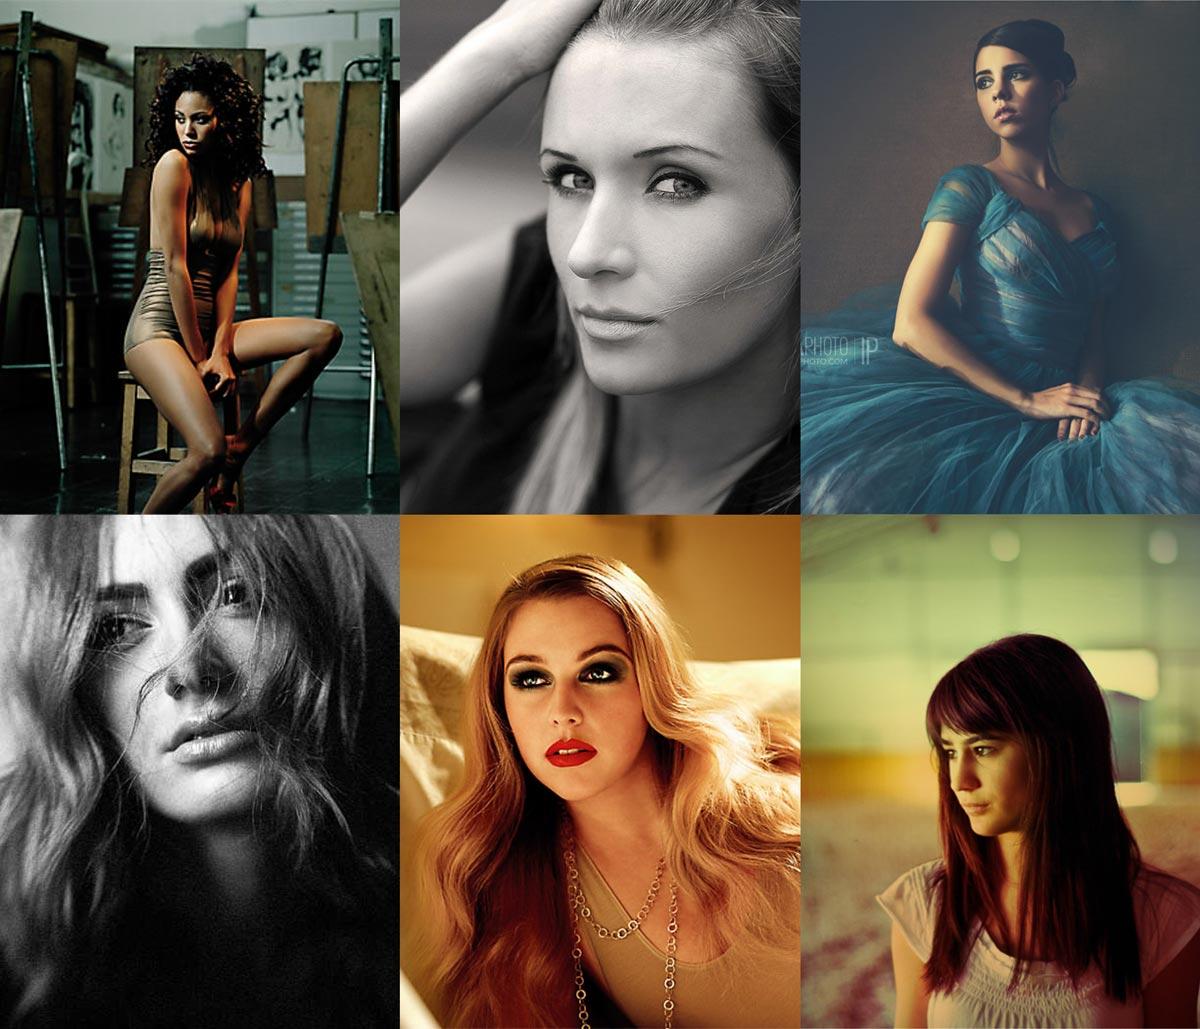 posing-women-feminine-light-to-the-light-body-away